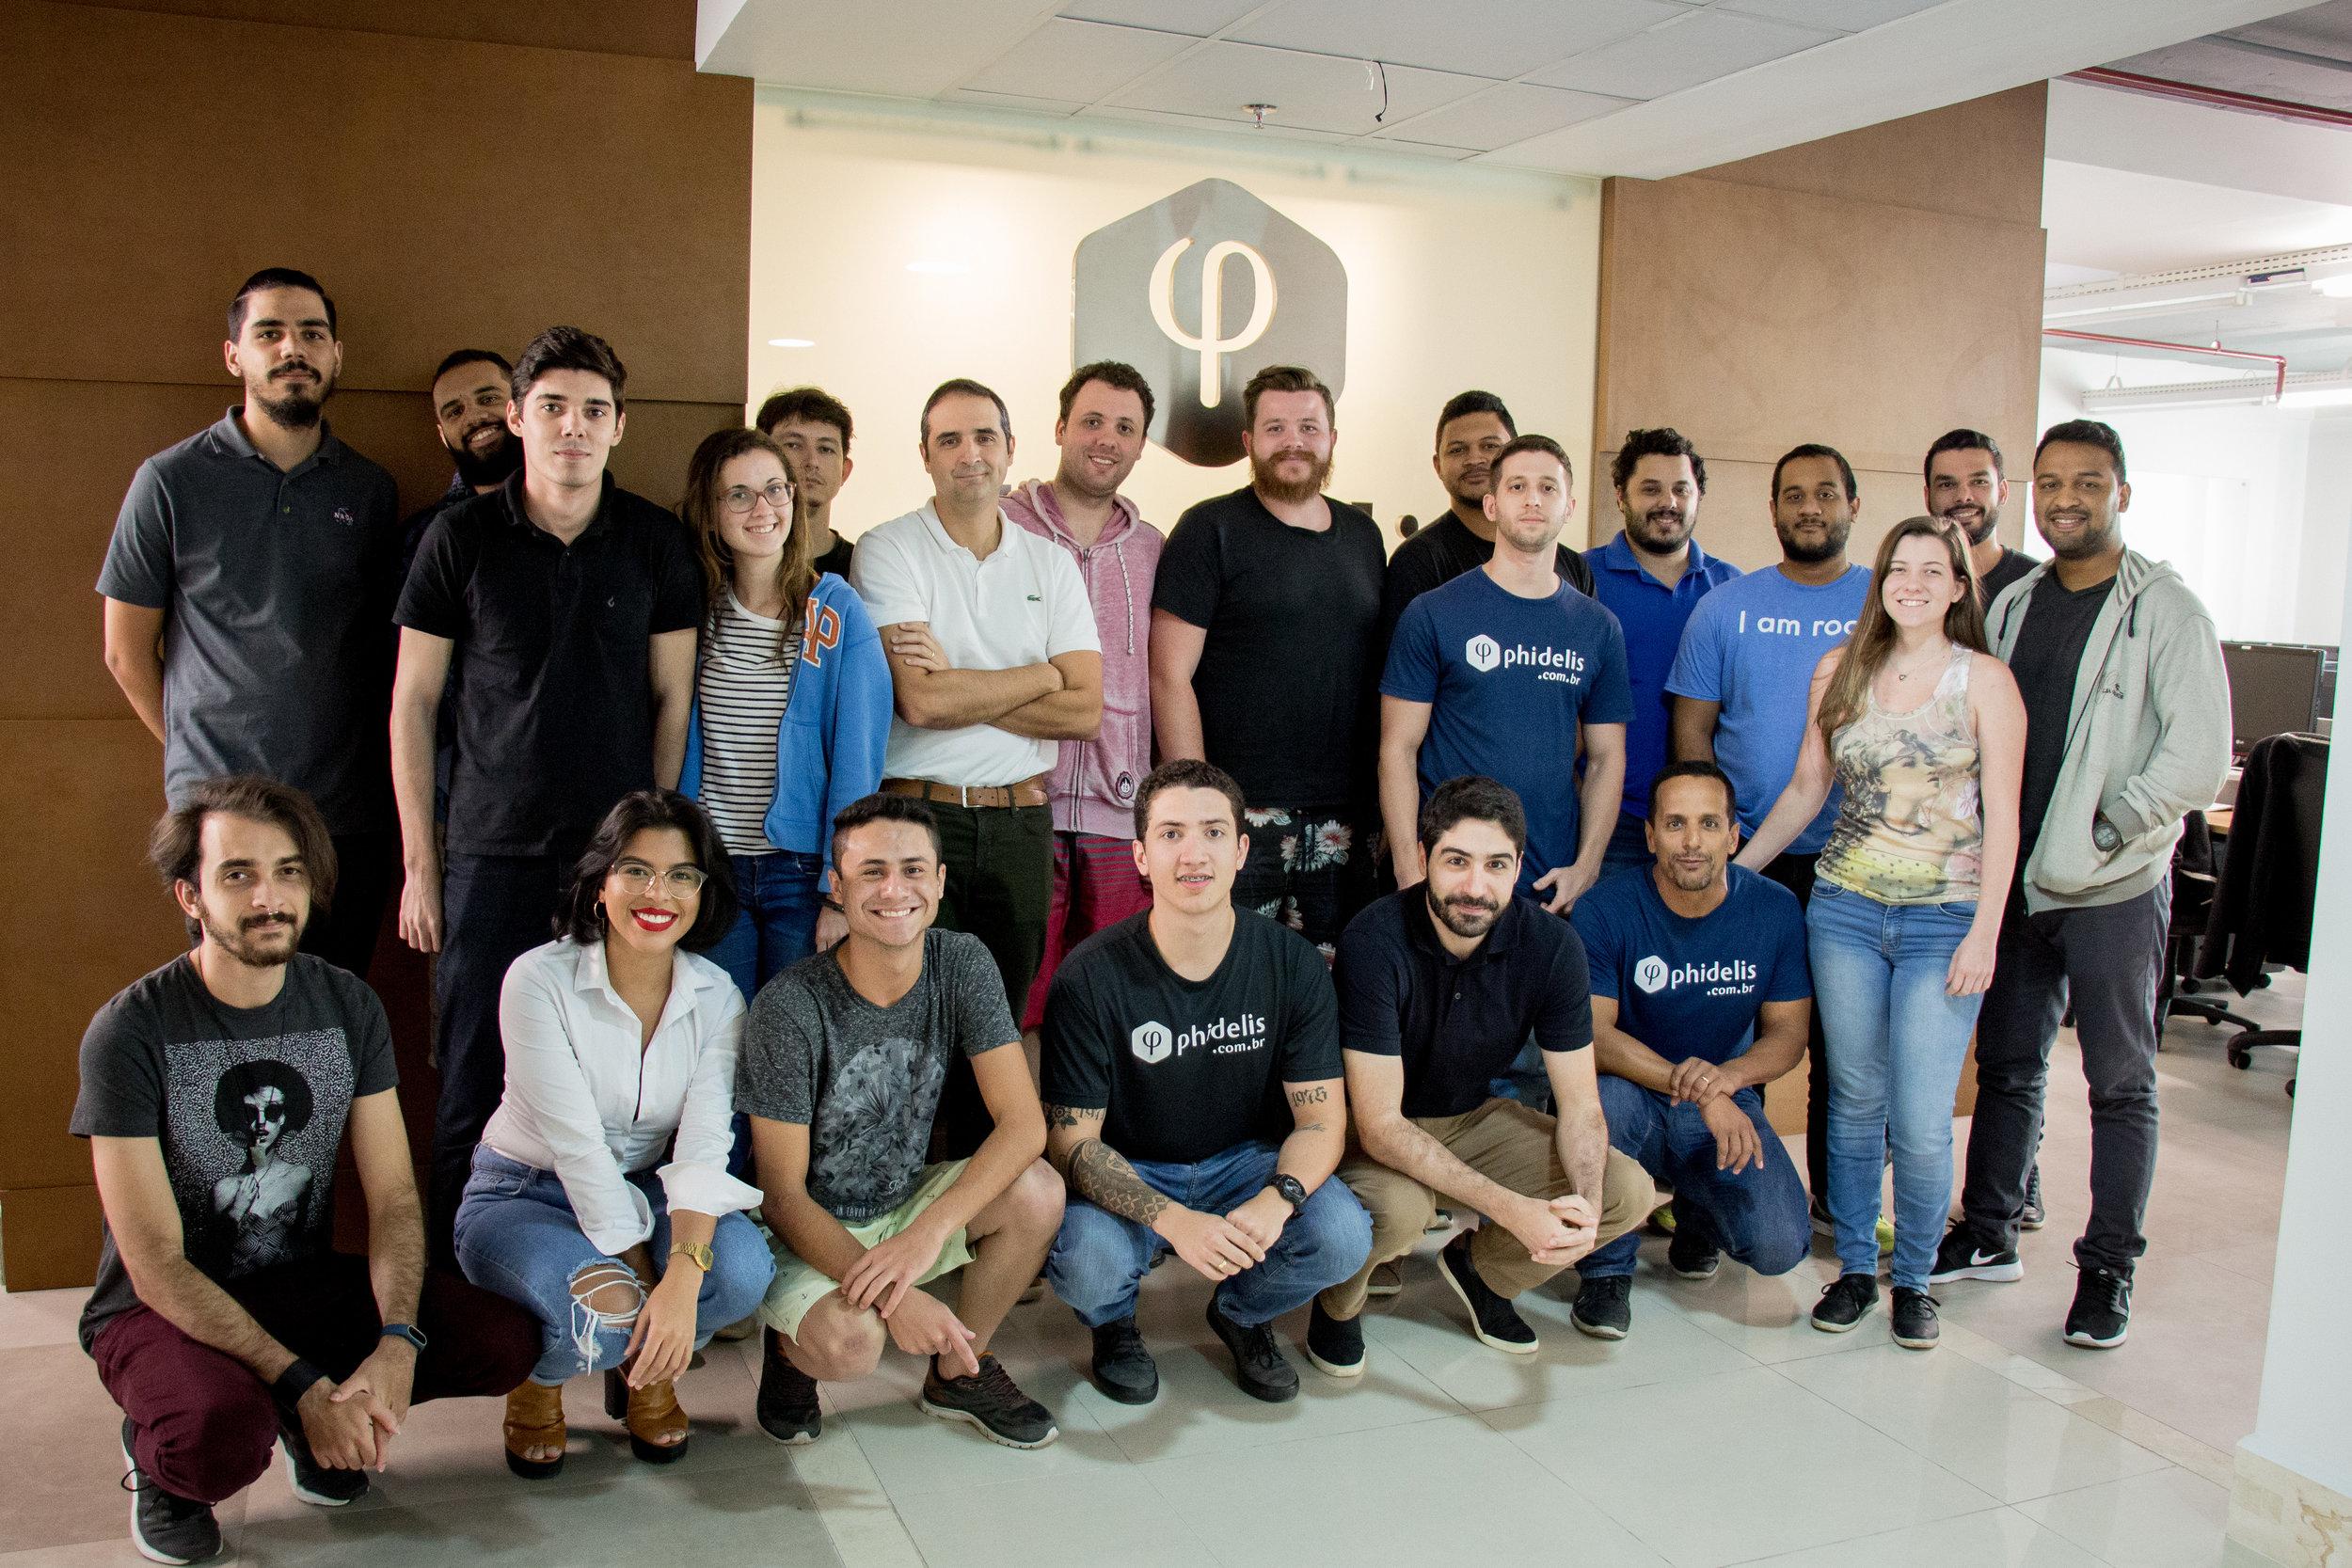 Foto: equipe Phidelis Tecnologia/ divulgação